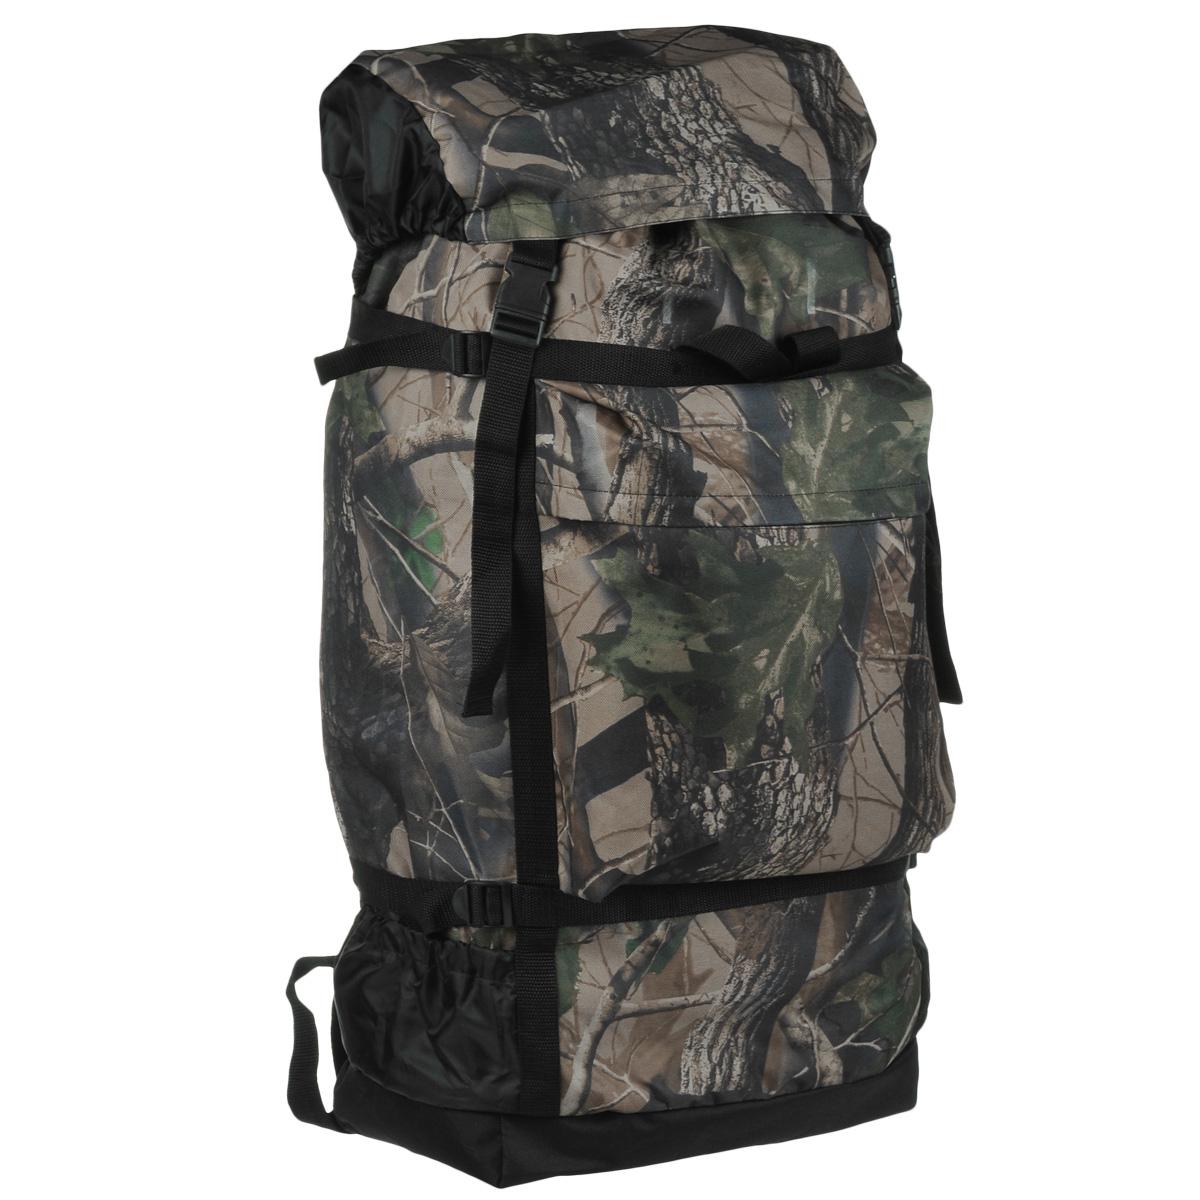 Рюкзак Huntsman Боровик, цвет: лес, 50 лVR-BL-50Очень легкий и компактный рюкзак Huntsman Боровик для охотников, рыболовов, грибников и дачников. Особенности: Непромокаемое дно Корпус усилен стропами с четырьмя боковыми стяжками Спереди один большой карман на молнии под клапаном Регулируемые лямки и спинка уплотнены вспененным полиэтиленом Верх рюкзака стягивается шнуром с фиксатором и закрывается клапаном с двумя защелками Ручка для переноски рюкзака. Уважаемые клиенты! Обращаем ваше внимание на возможные изменения в цветовом дизайне, связанные с ассортиментом продукции. Поставка осуществляется в зависимости от наличия на складе.